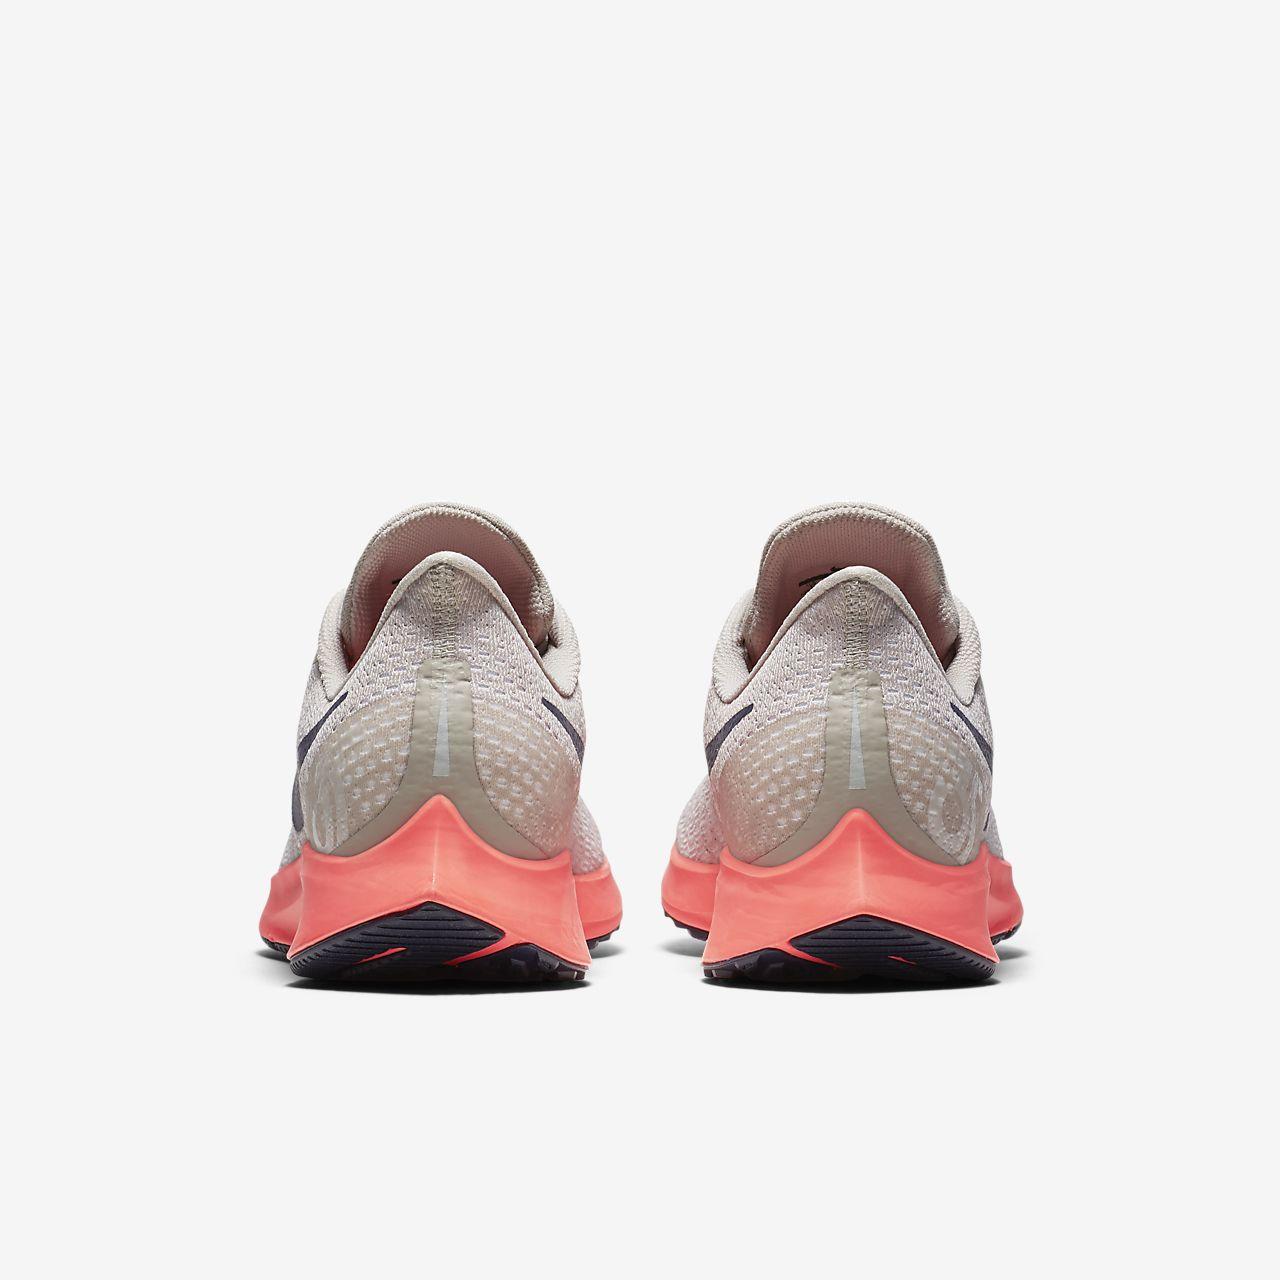 7de160176791 Nike Air Zoom Pegasus 35 Men s Running Shoe. Nike.com